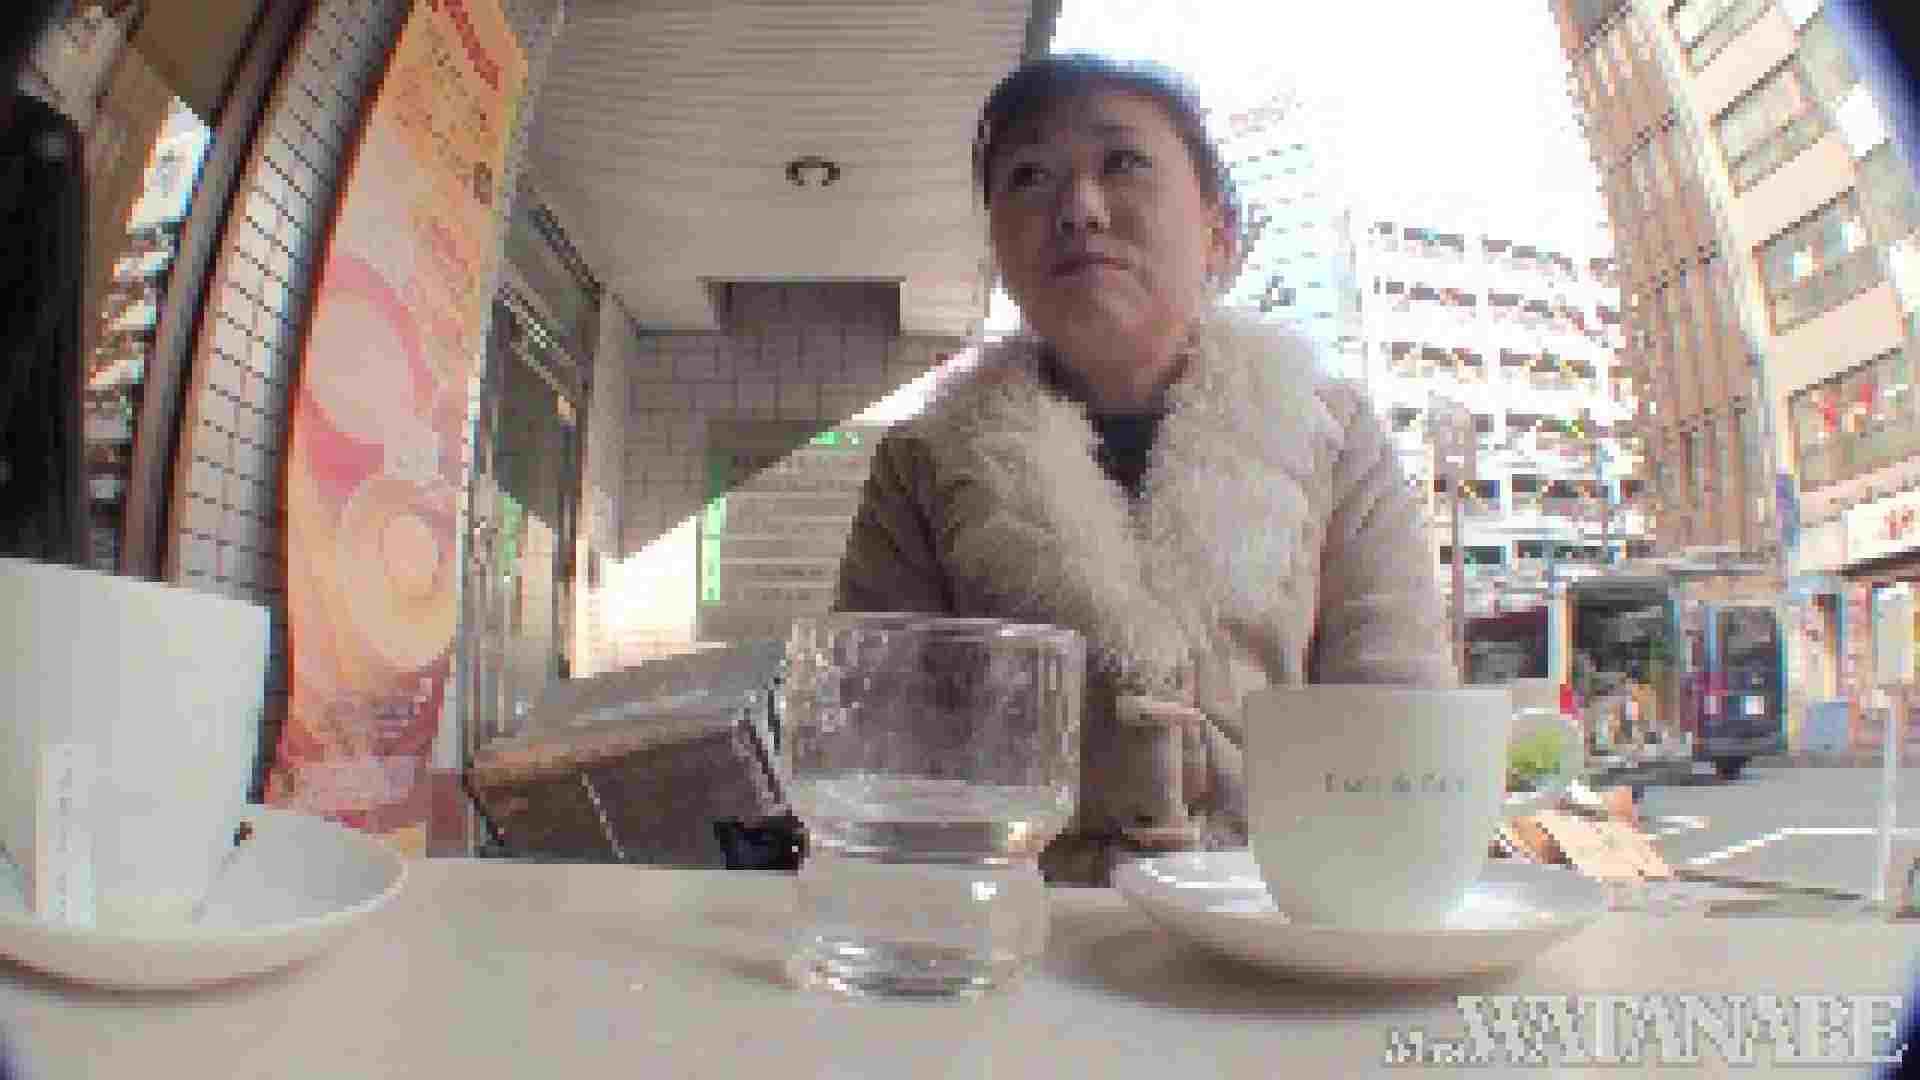 撮影スタッフを誘惑する痴熟女 かおり40歳 Vol.01 素人流出動画 セックス画像 87枚 42